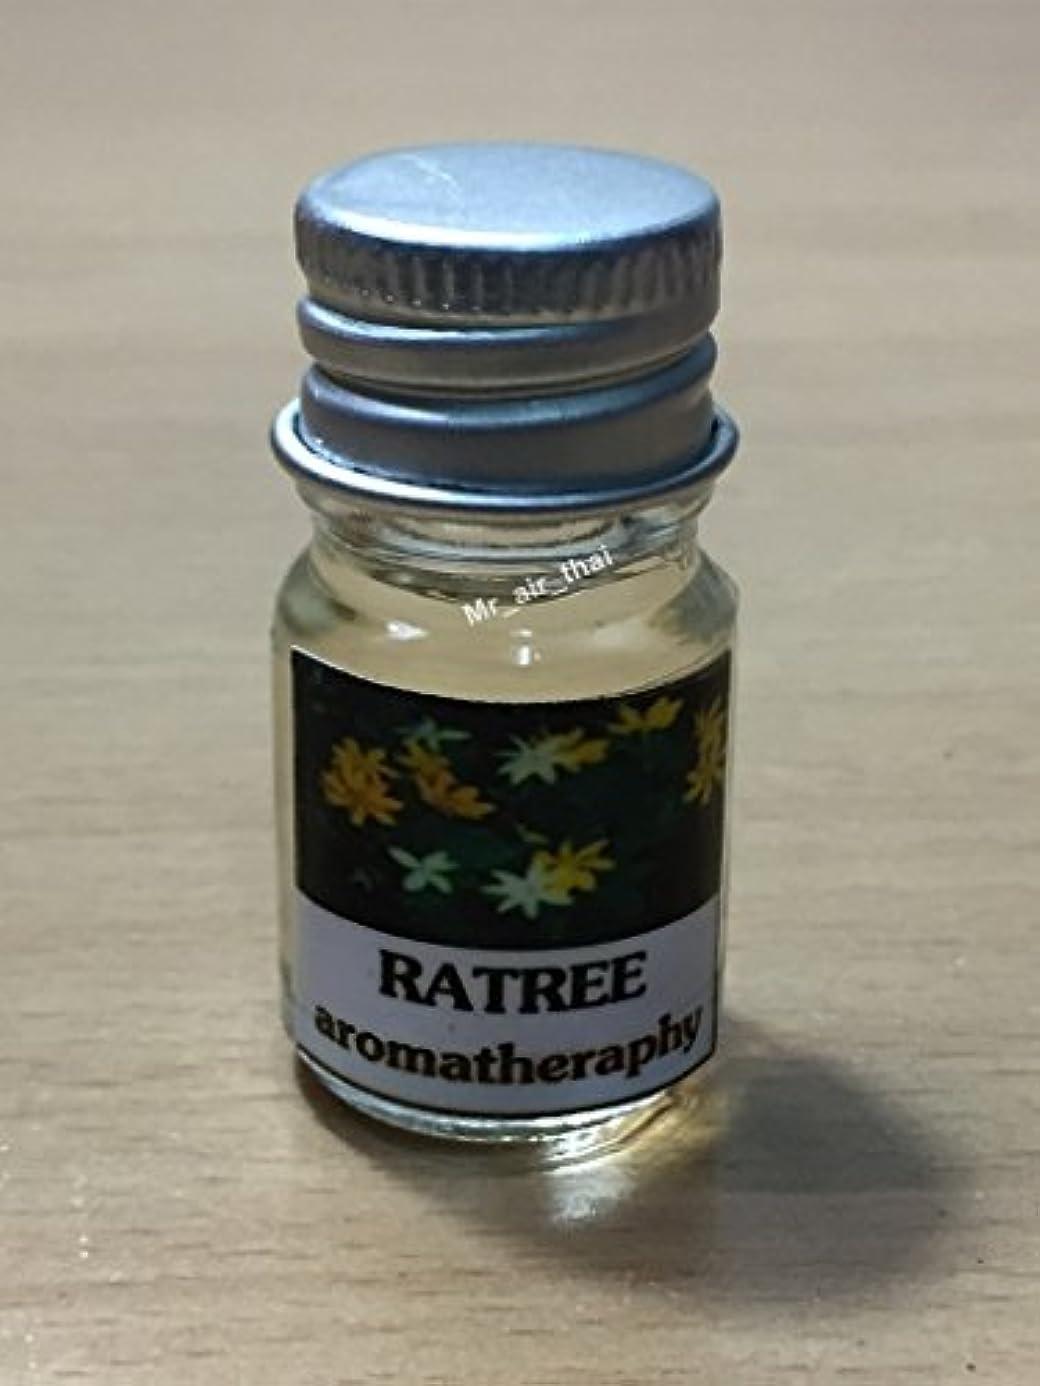 遅らせるベルト二層5ミリリットルアロマRatreeフランクインセンスエッセンシャルオイルボトルアロマテラピーオイル自然自然5ml Aroma Ratree Frankincense Essential Oil Bottles Aromatherapy...